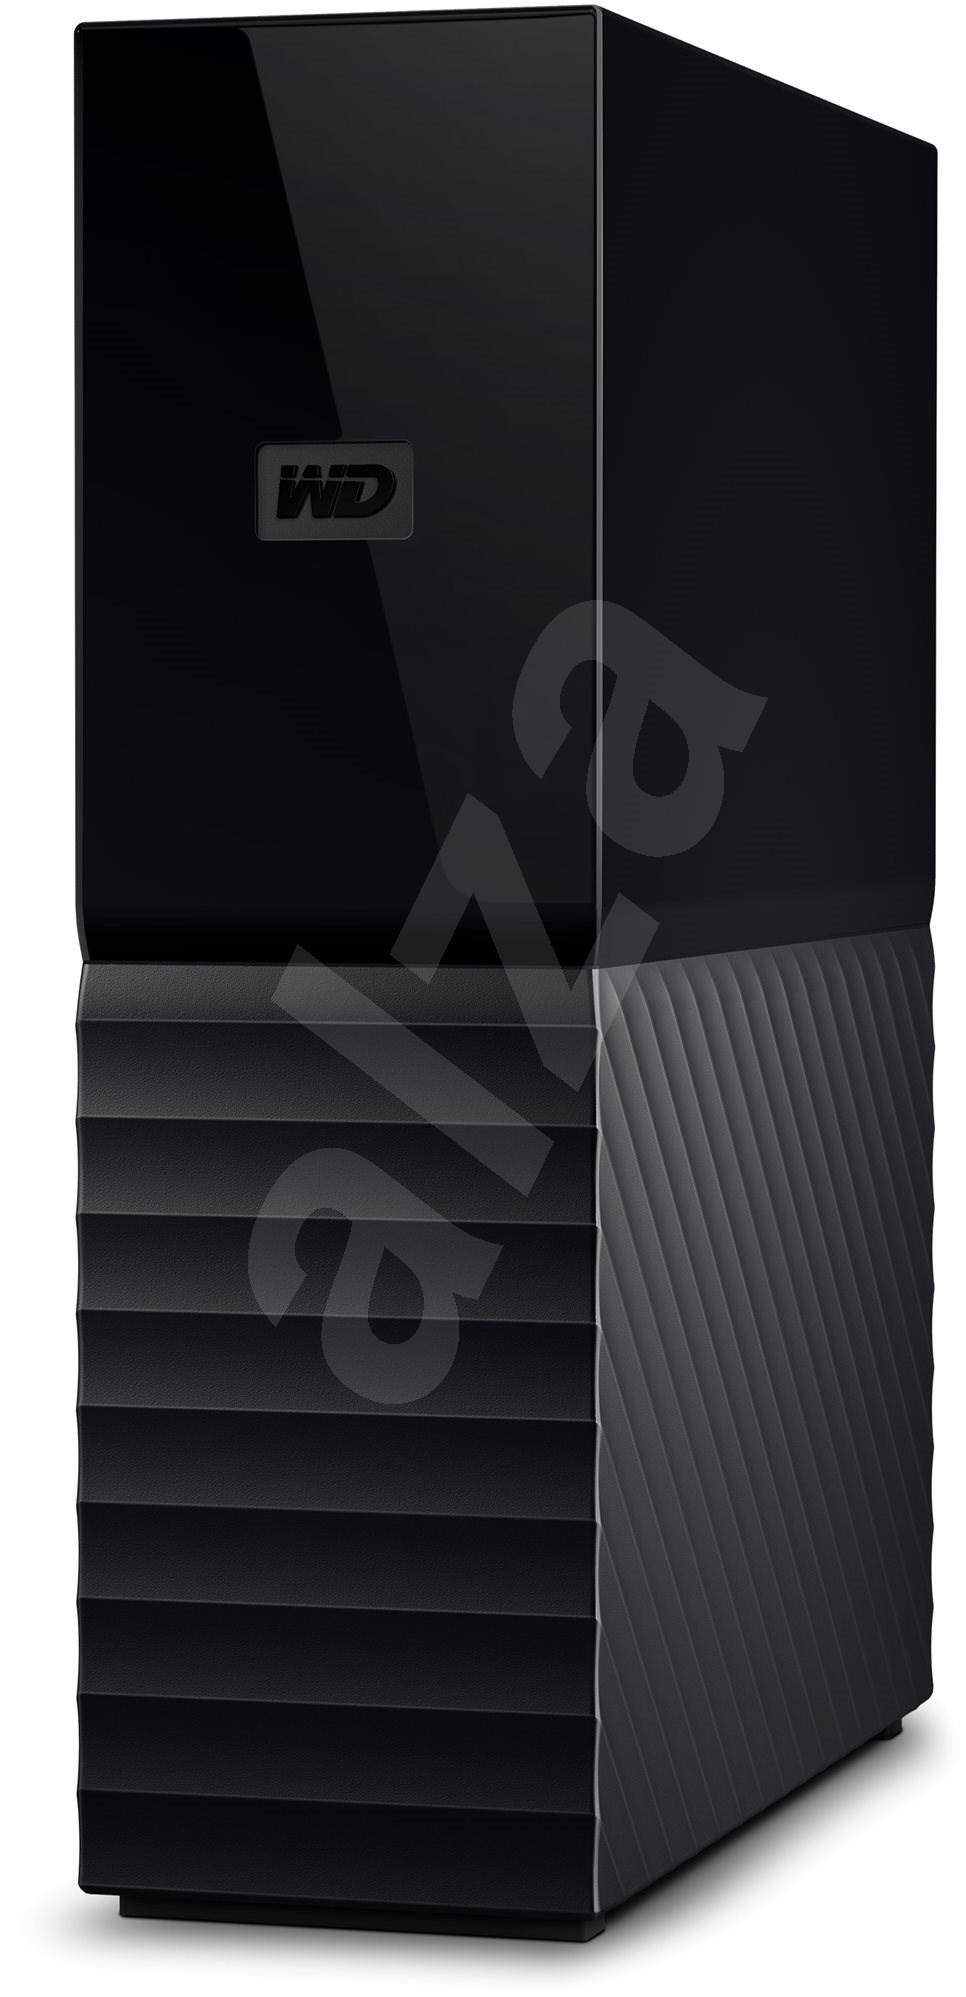 WD My Book 10TB - Külső meghajtó